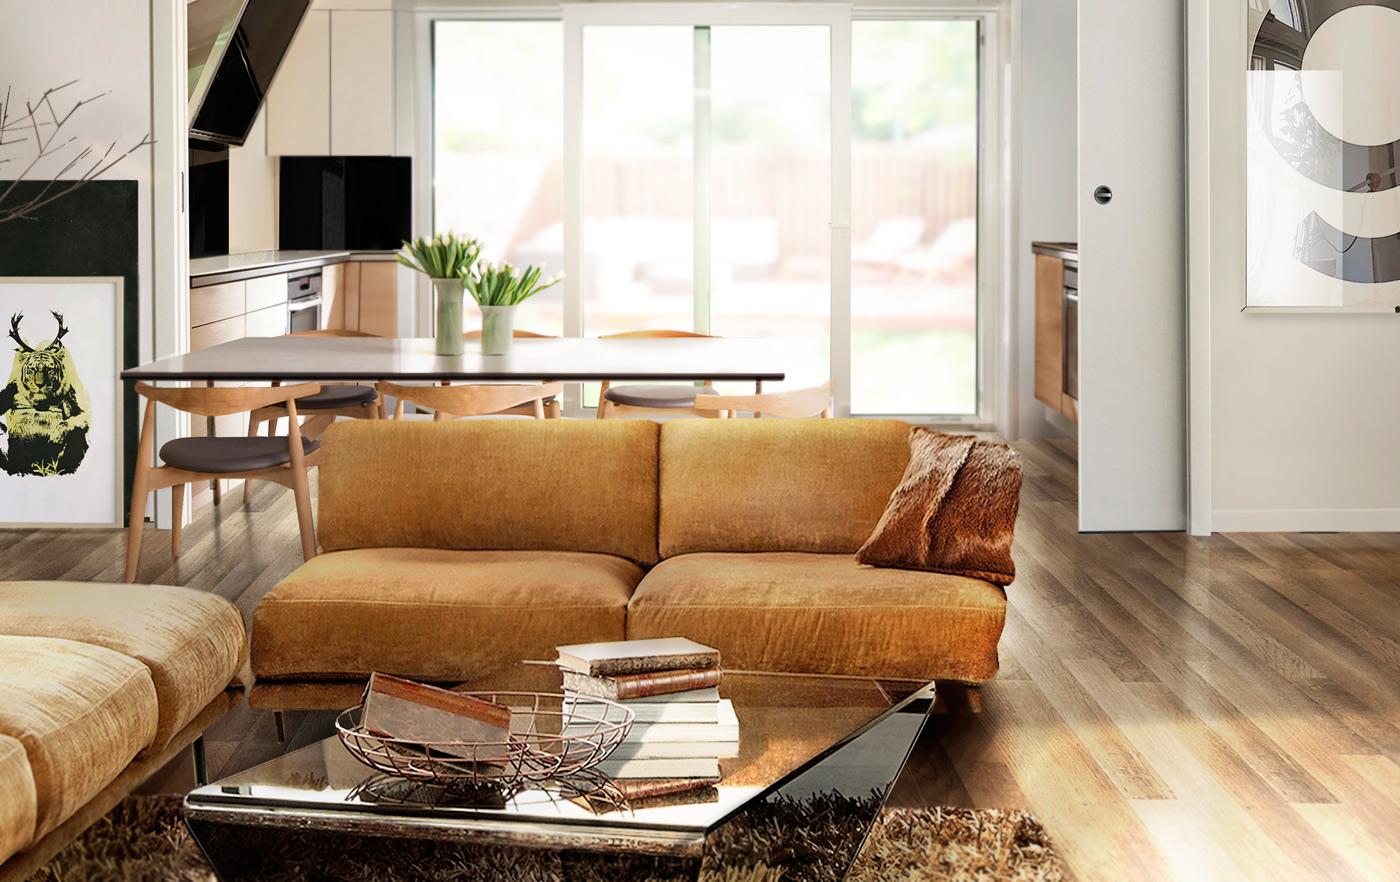 detalle de salón, salón 3d, interiorismo, asesoramiento en imagen, renders, imágenes 3d, matte painting, decoración, manual de identidad, diseño gráfico Almería